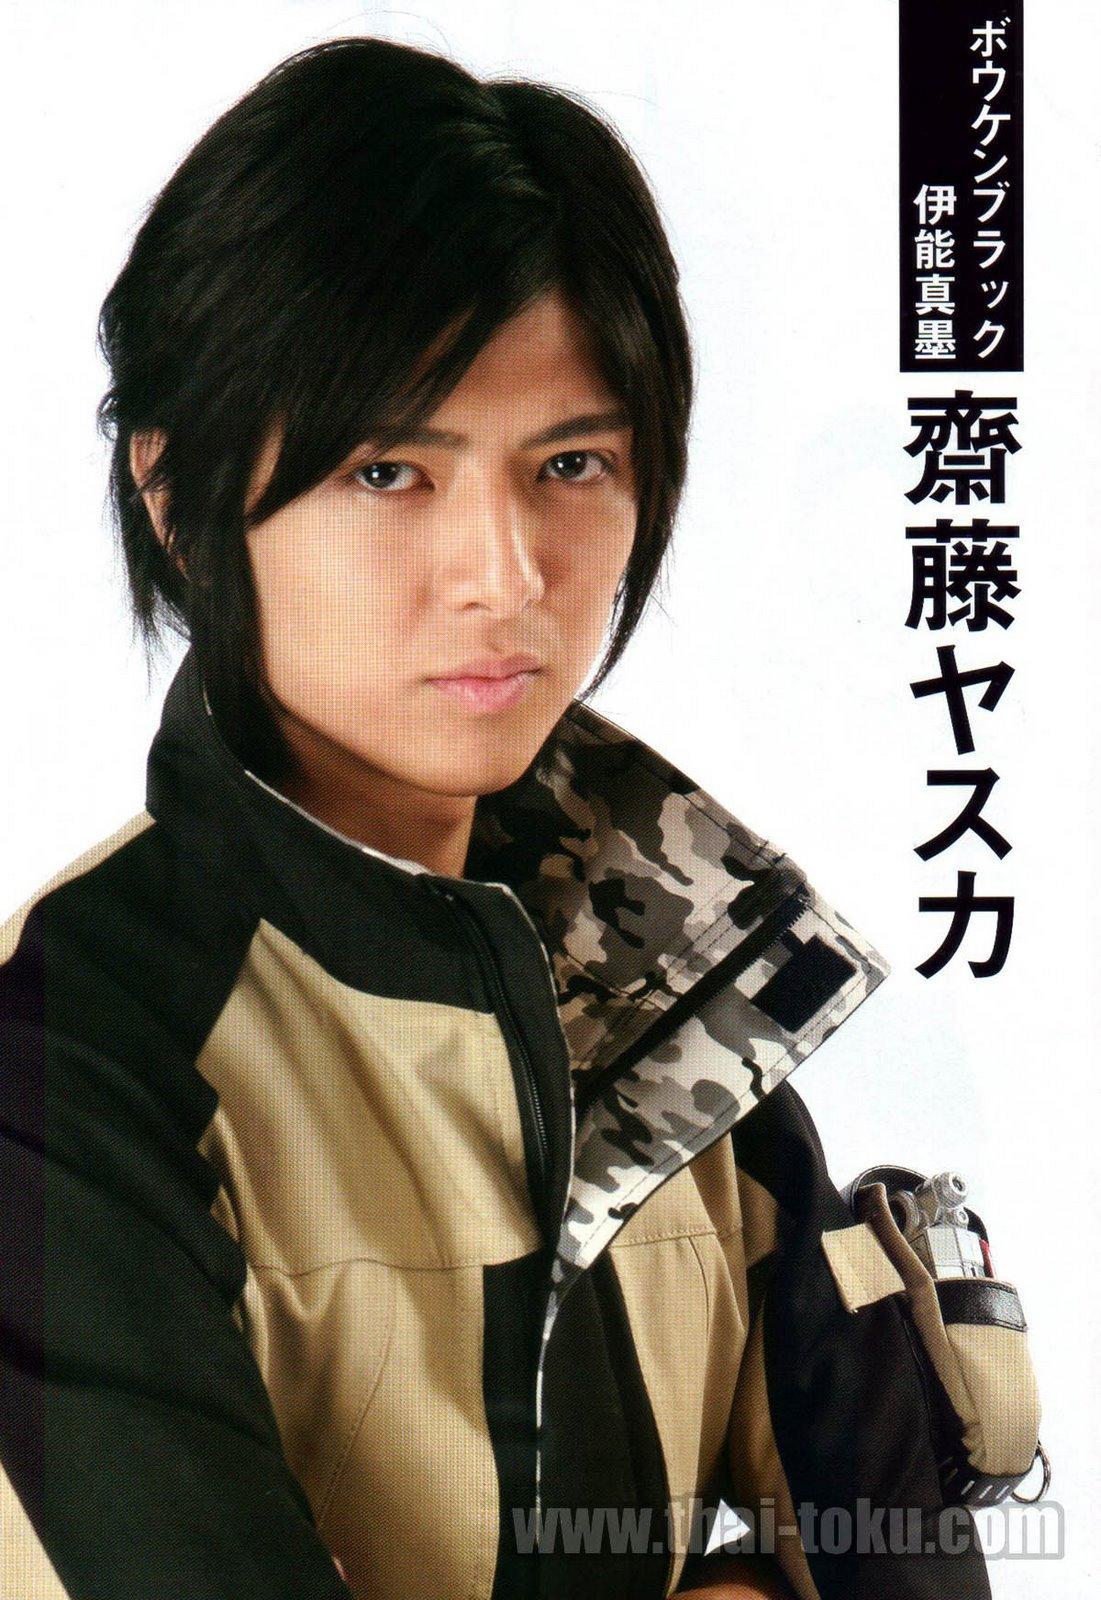 齋藤ヤスカ music, videos, stats, and photos | Last.fm